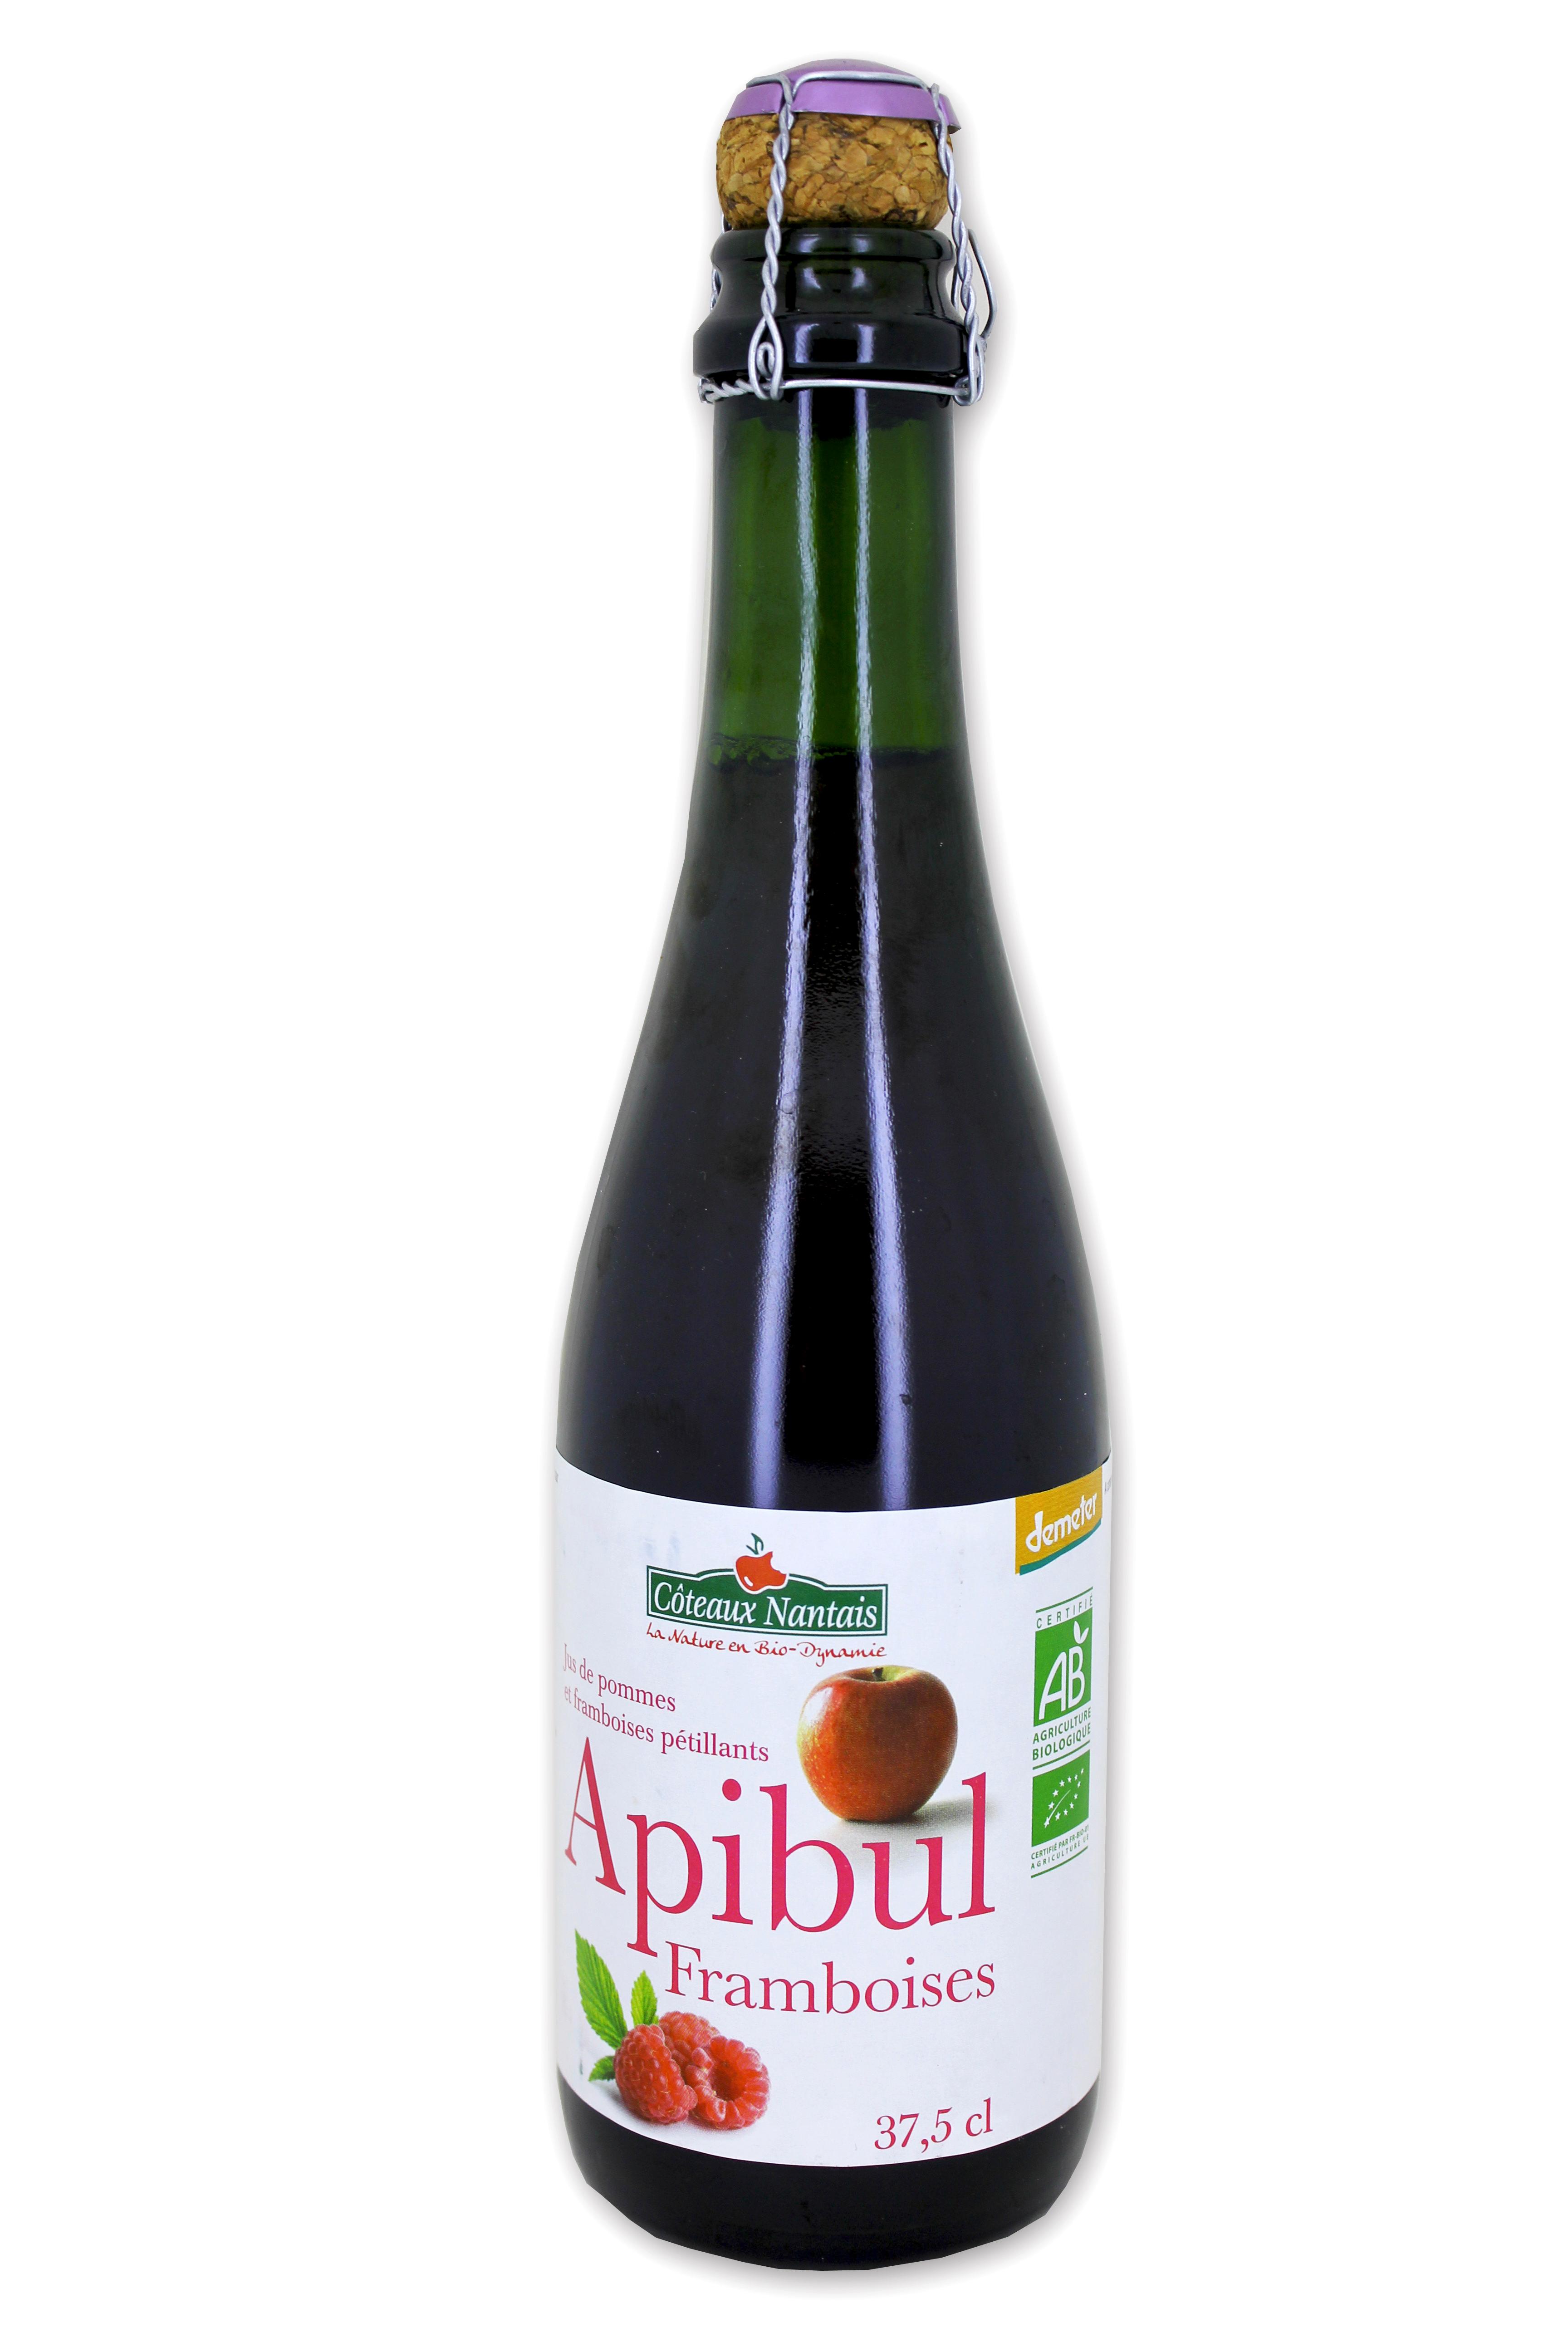 Pétillant à la framboise Apibul Bio, Coteaux Nantais (37,5 cl)